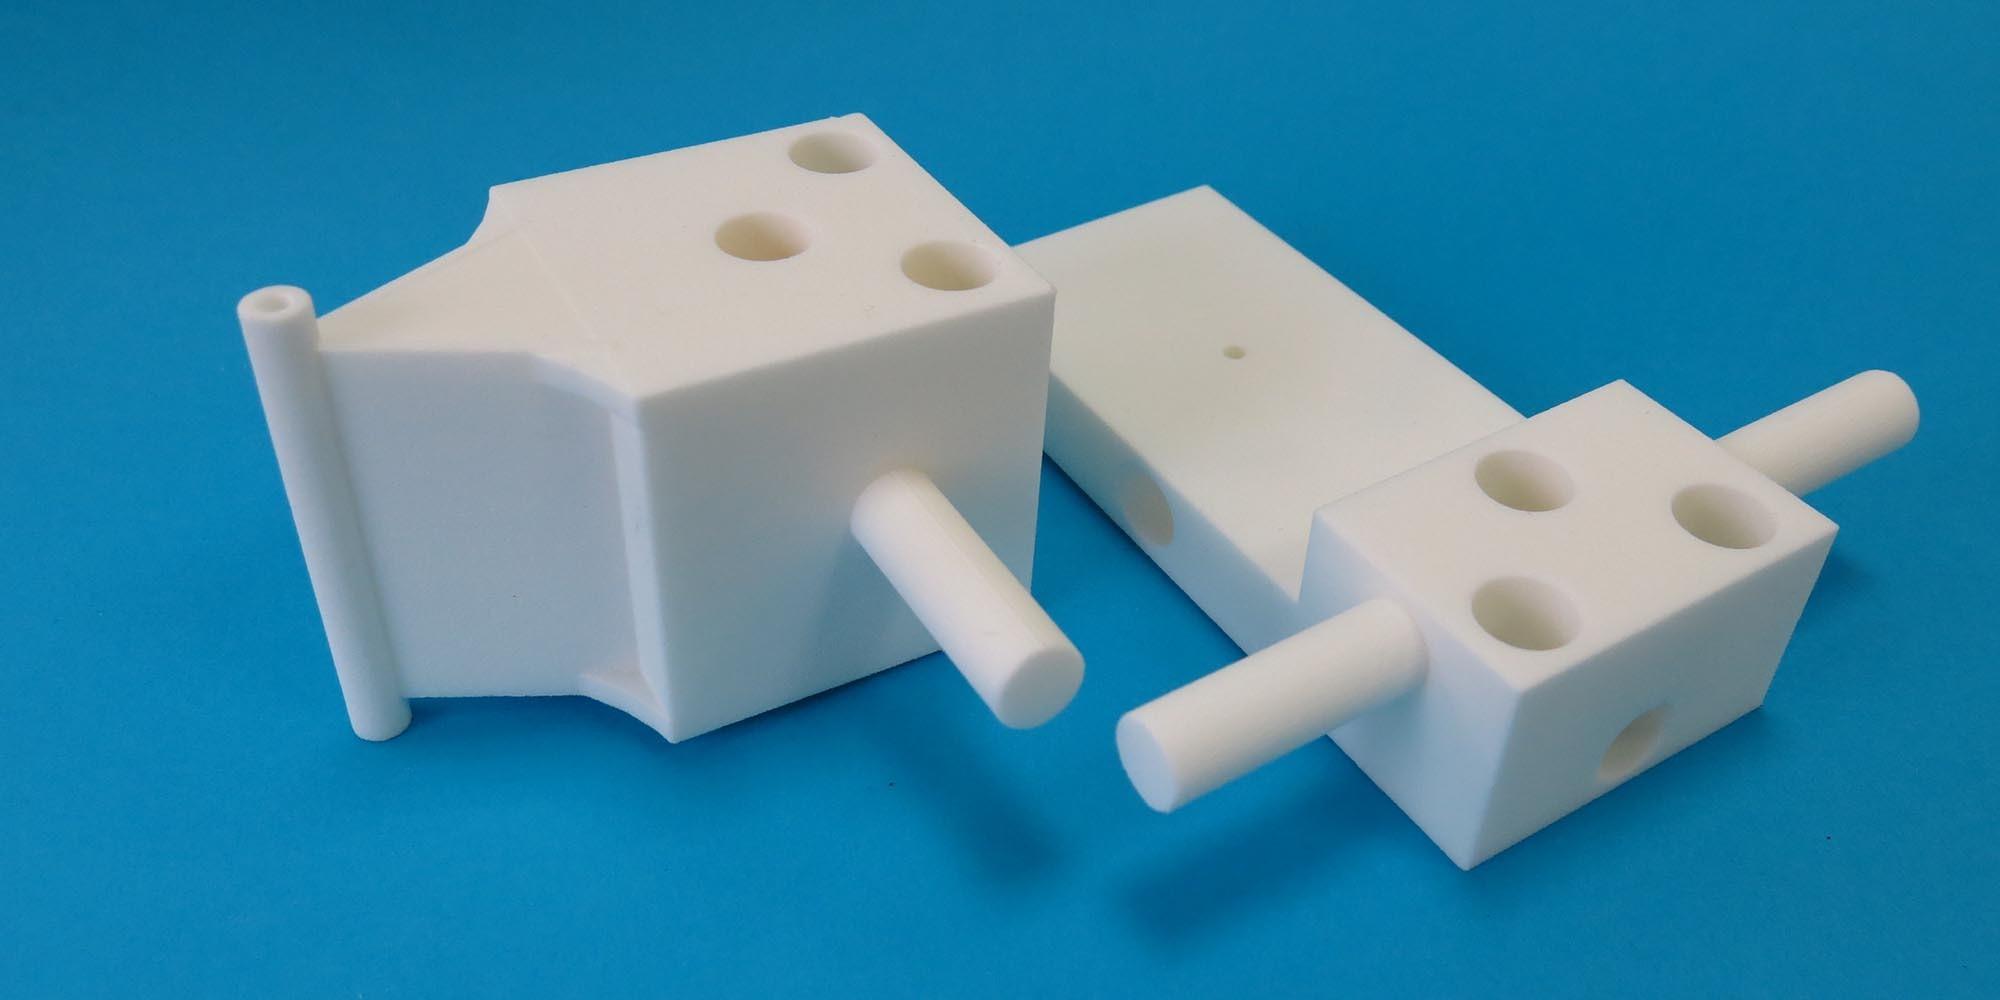 Des outils médicaux imprimés en 3D